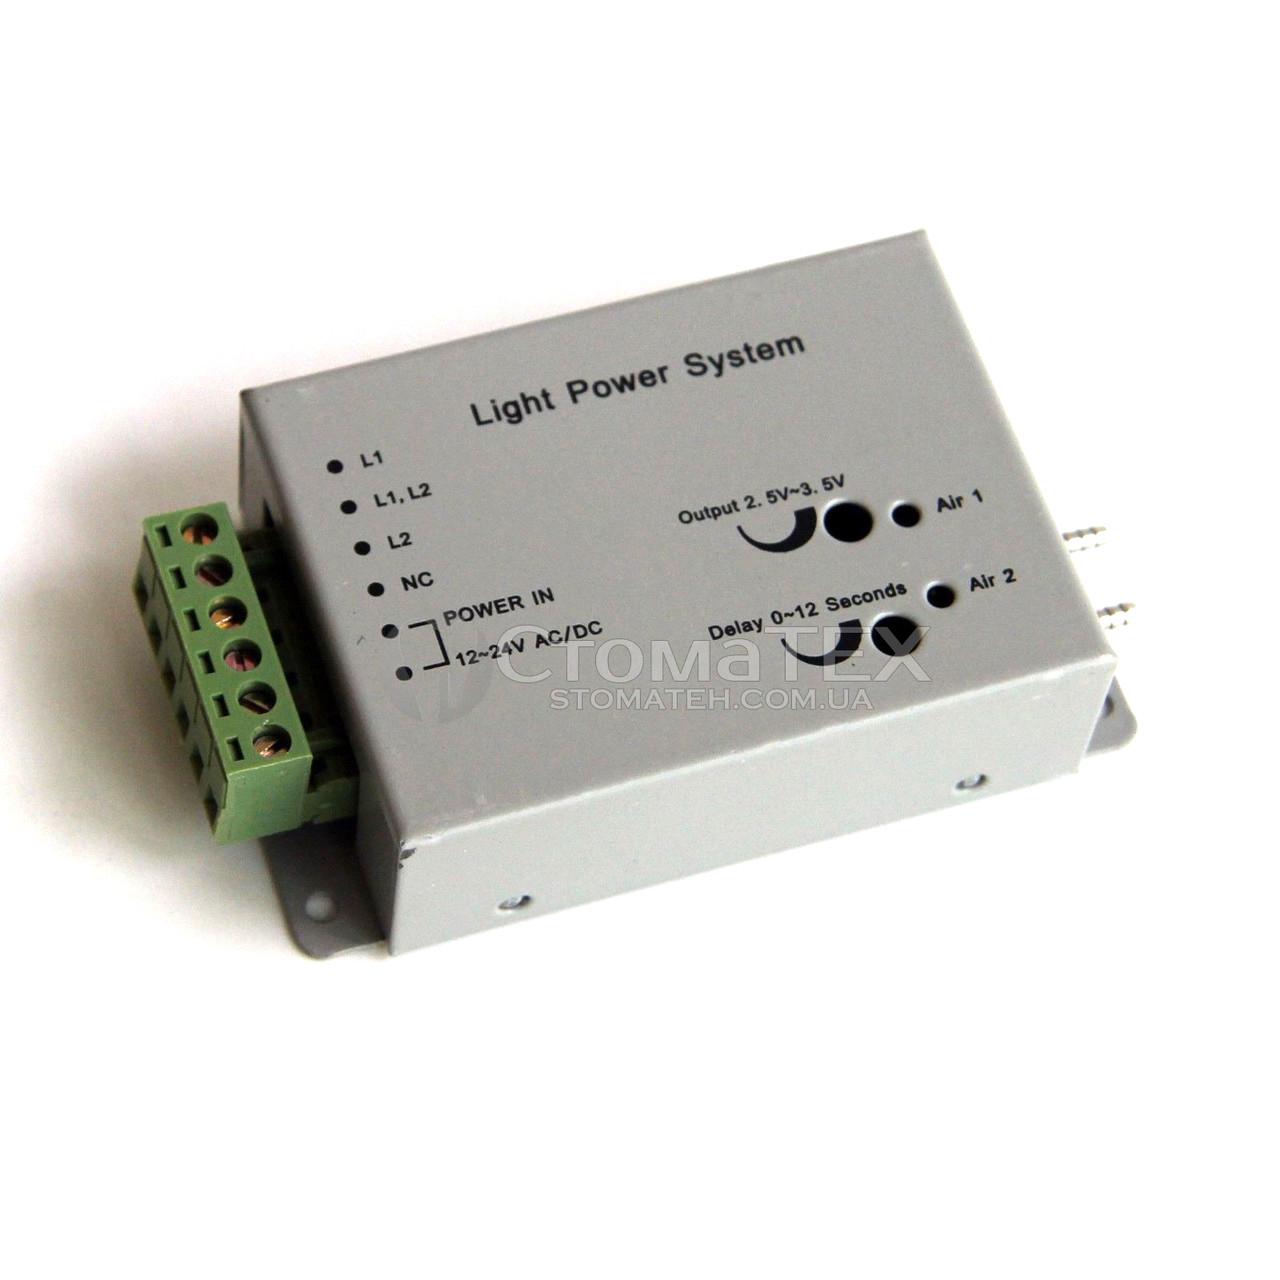 Блок управления фиброоптикой, Light Power System (24V), фото 1